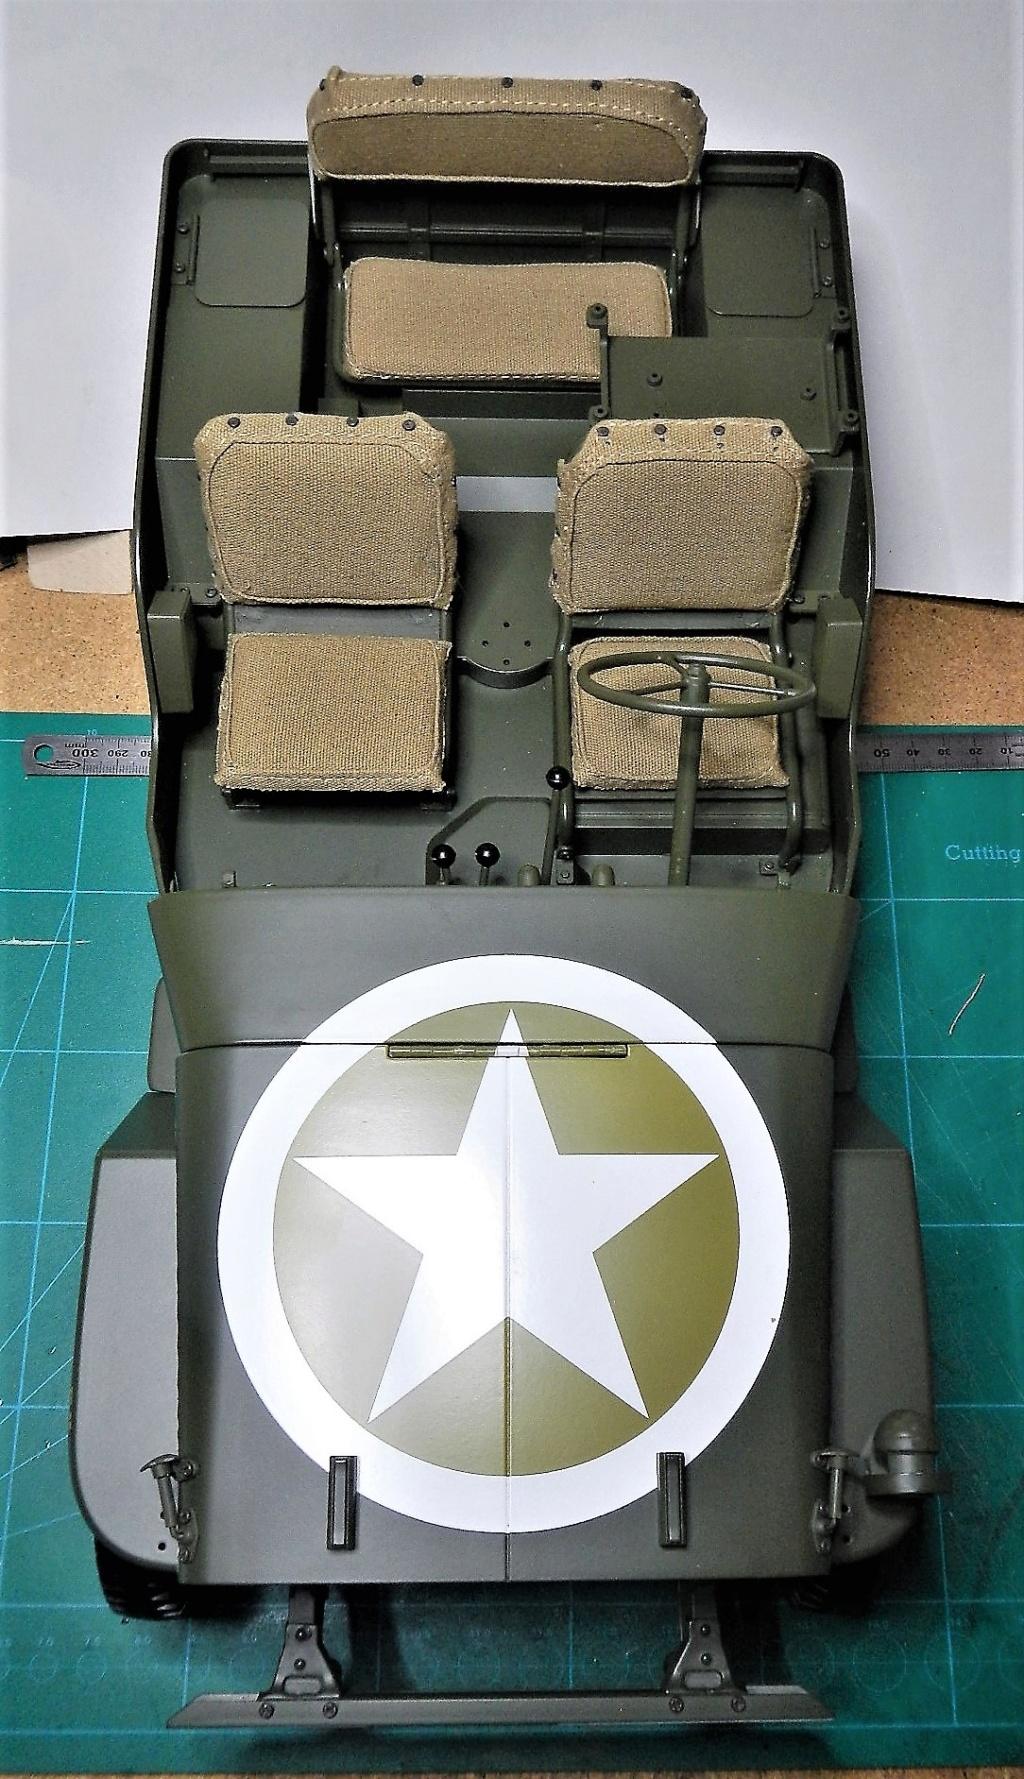 Modélisme Naval Le Radoub du Ponant - Portail Dscn9040